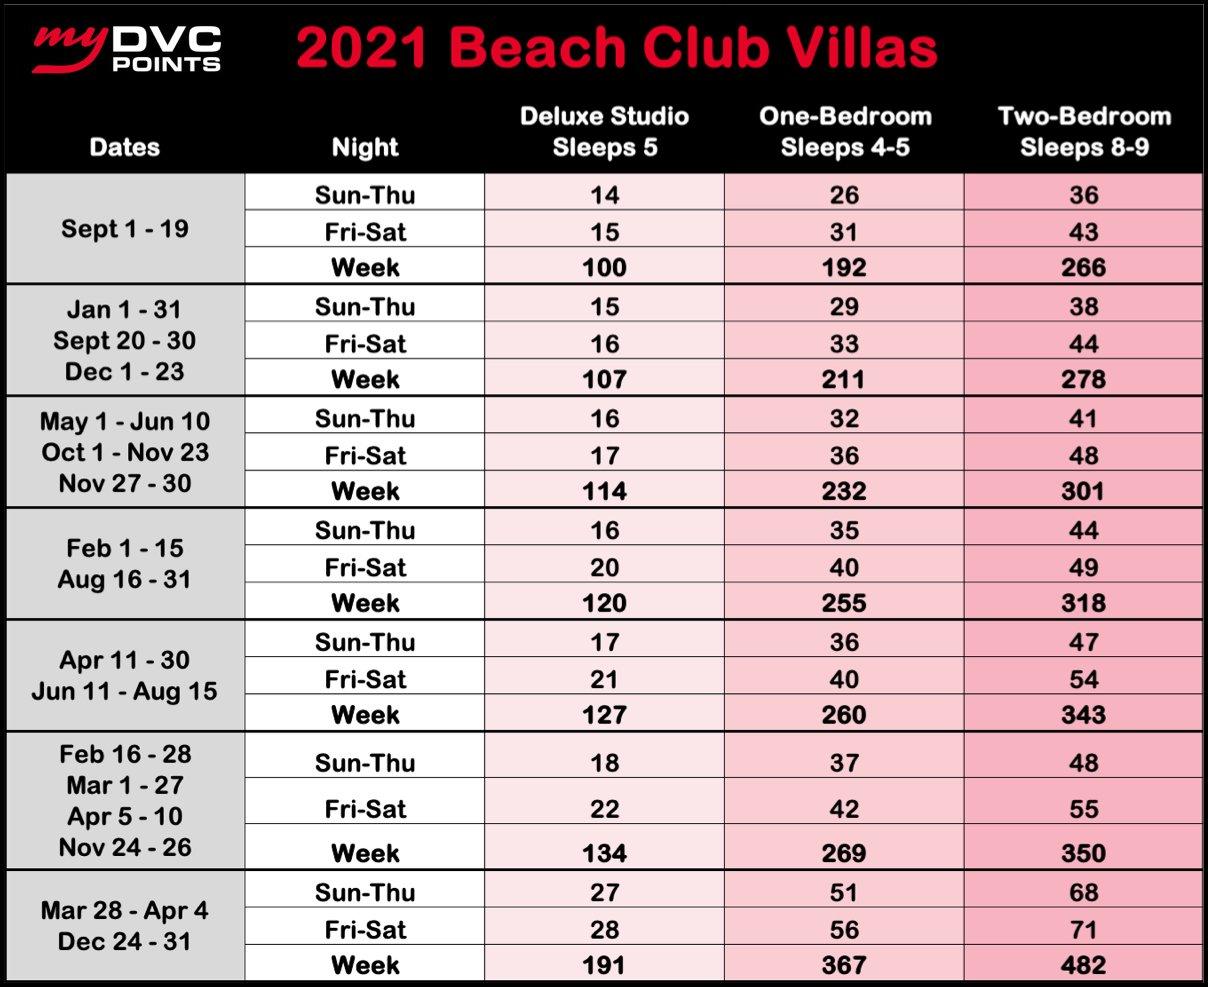 Beach Club Villas 2021 Point Charts